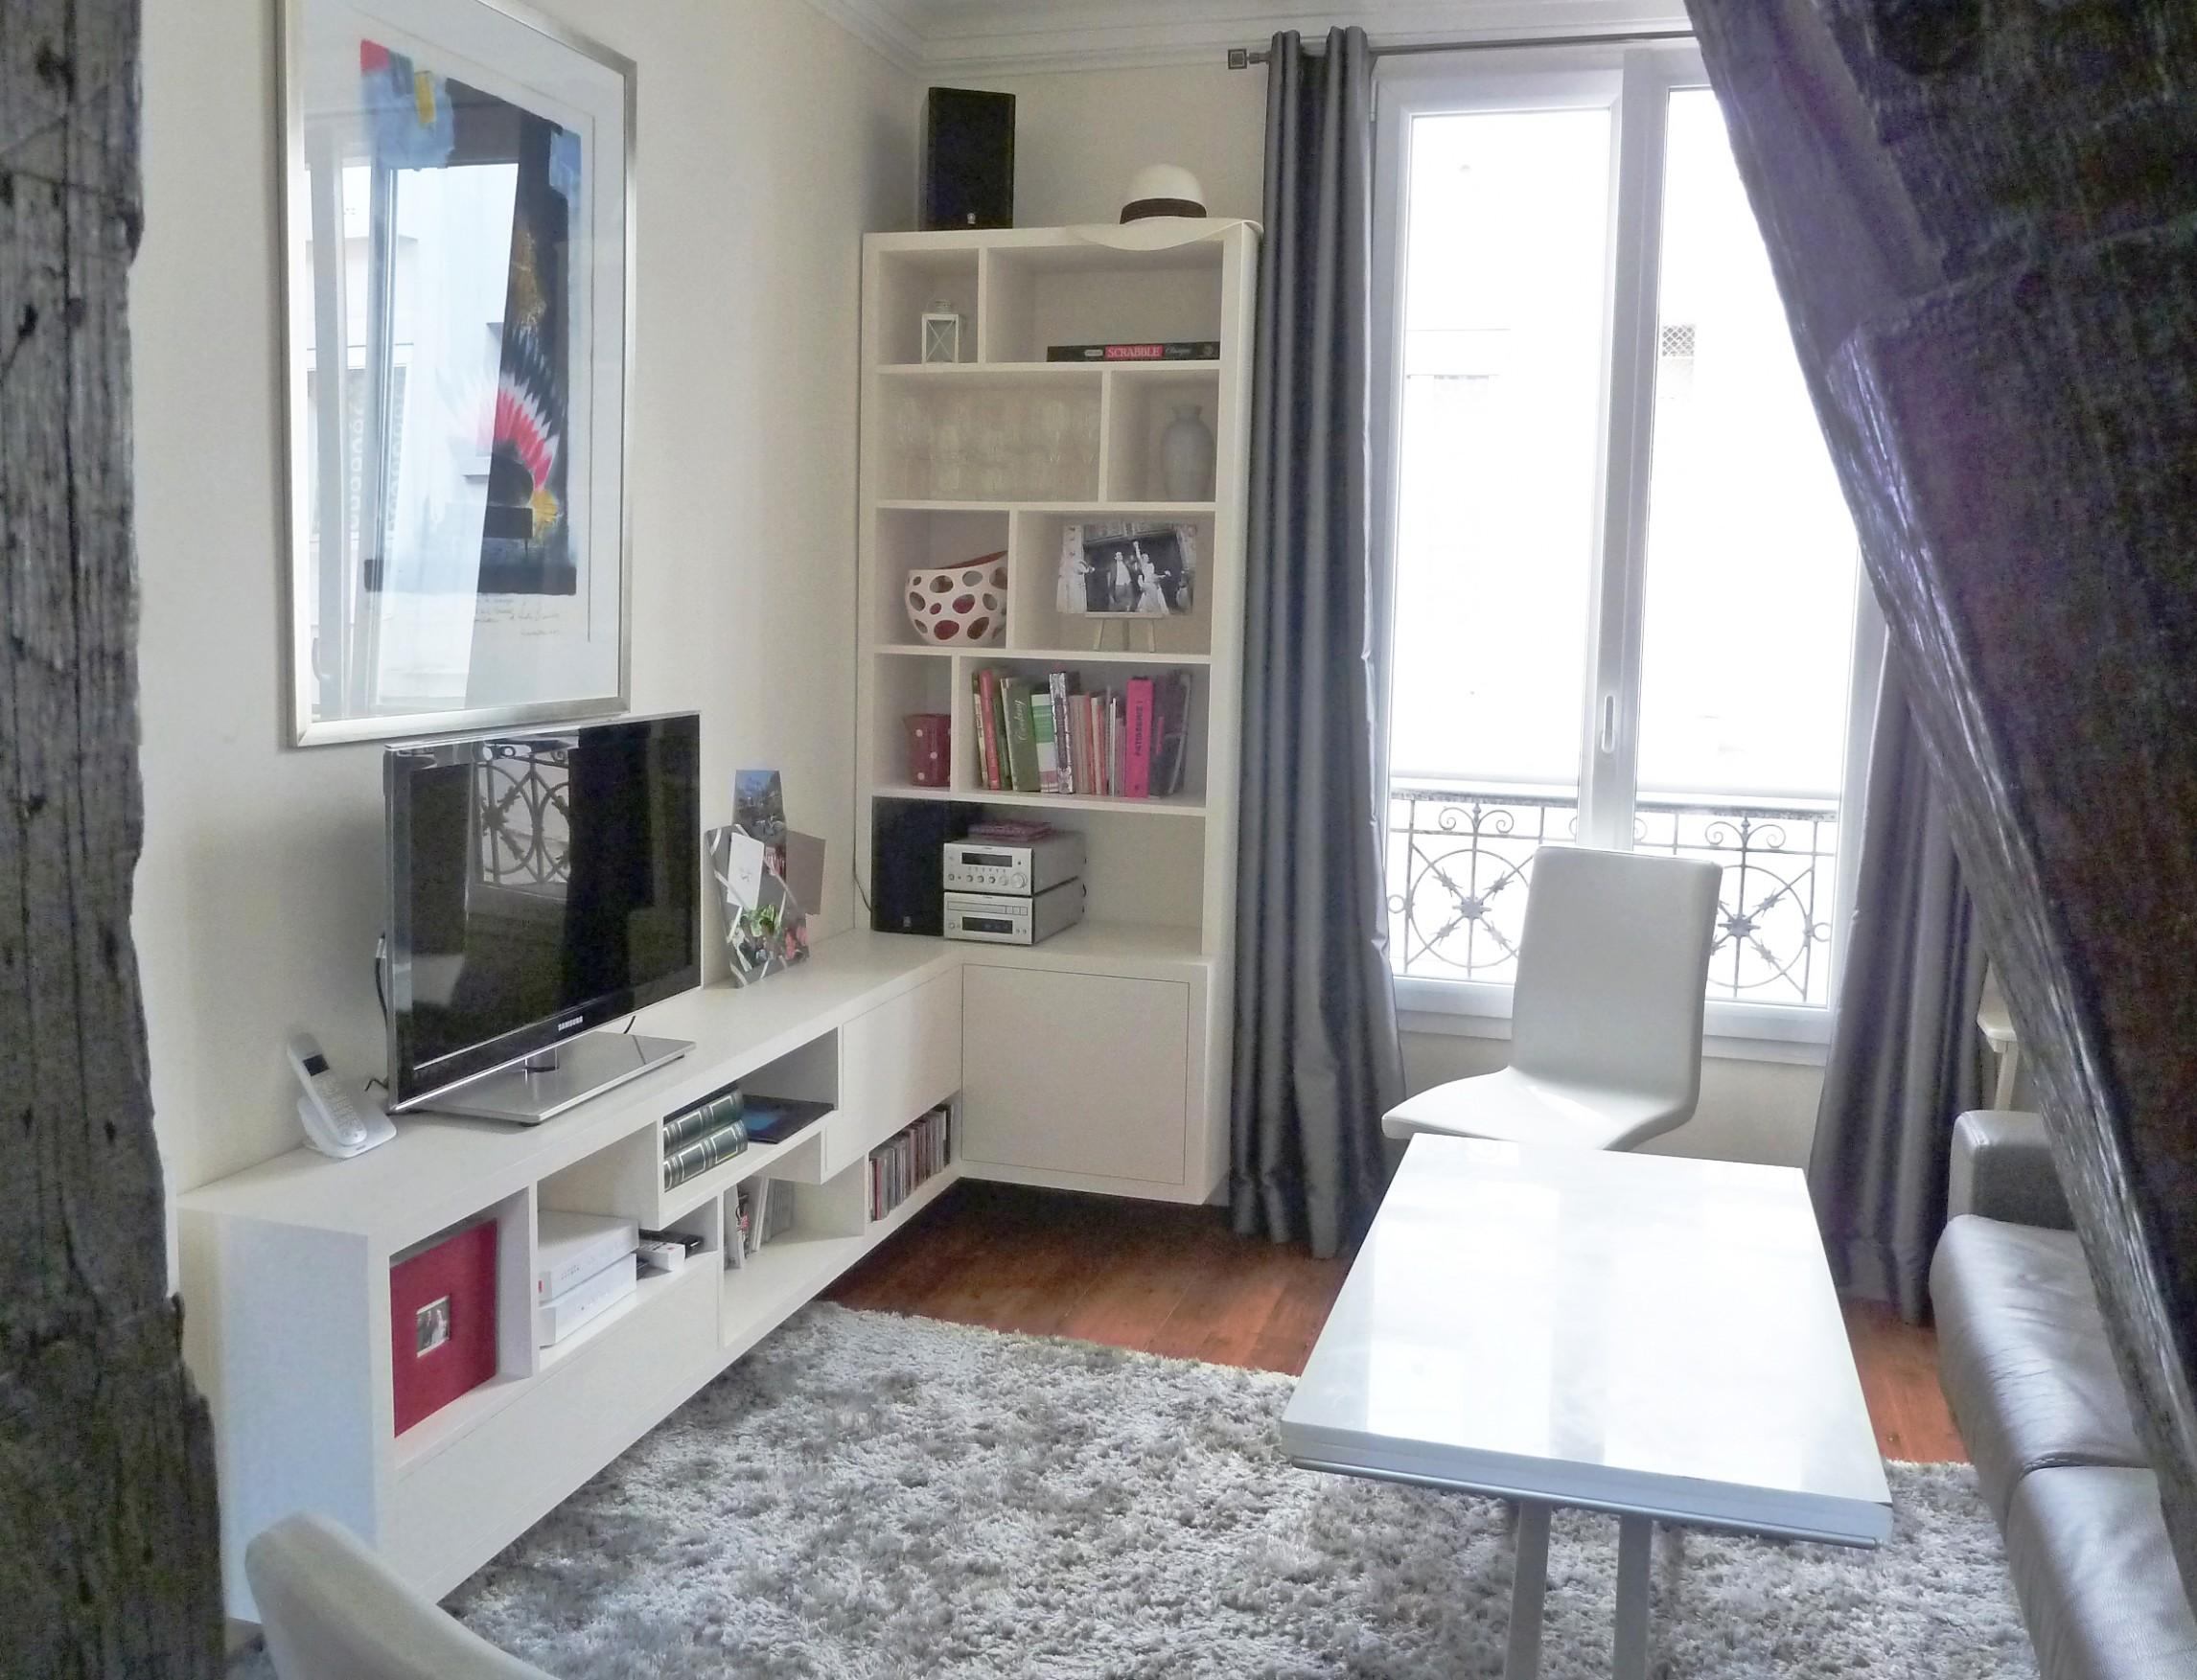 Как расставить мебель в однокомнатной квартире со стеллажами